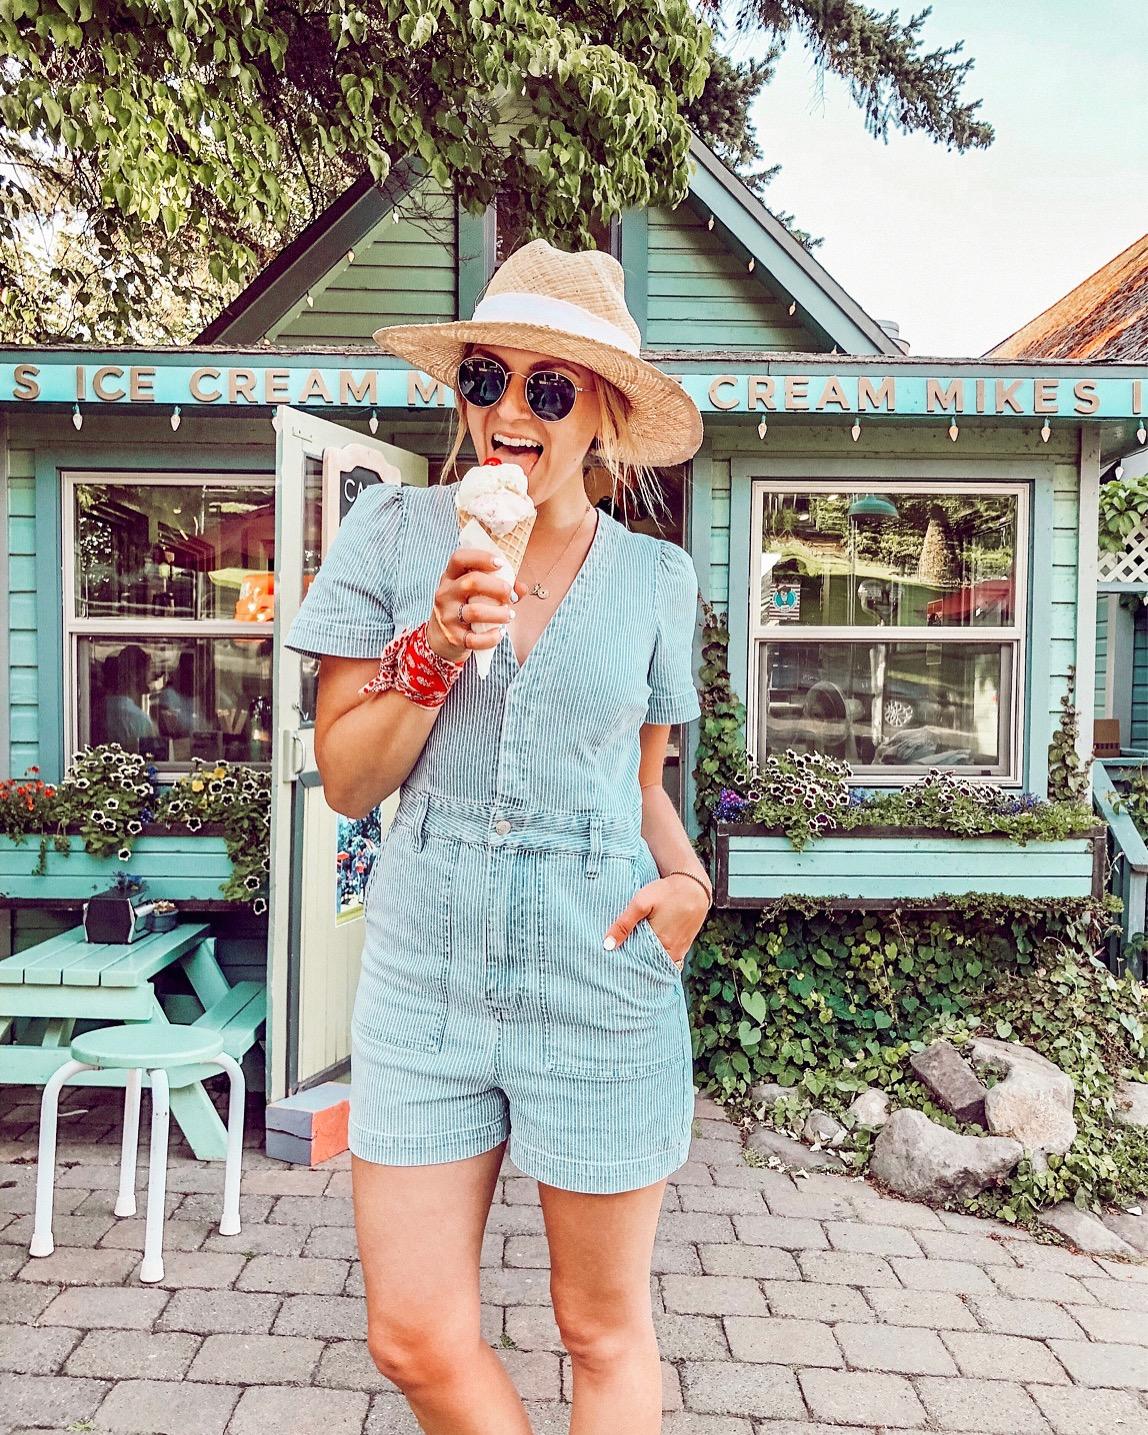 mikes ice cream